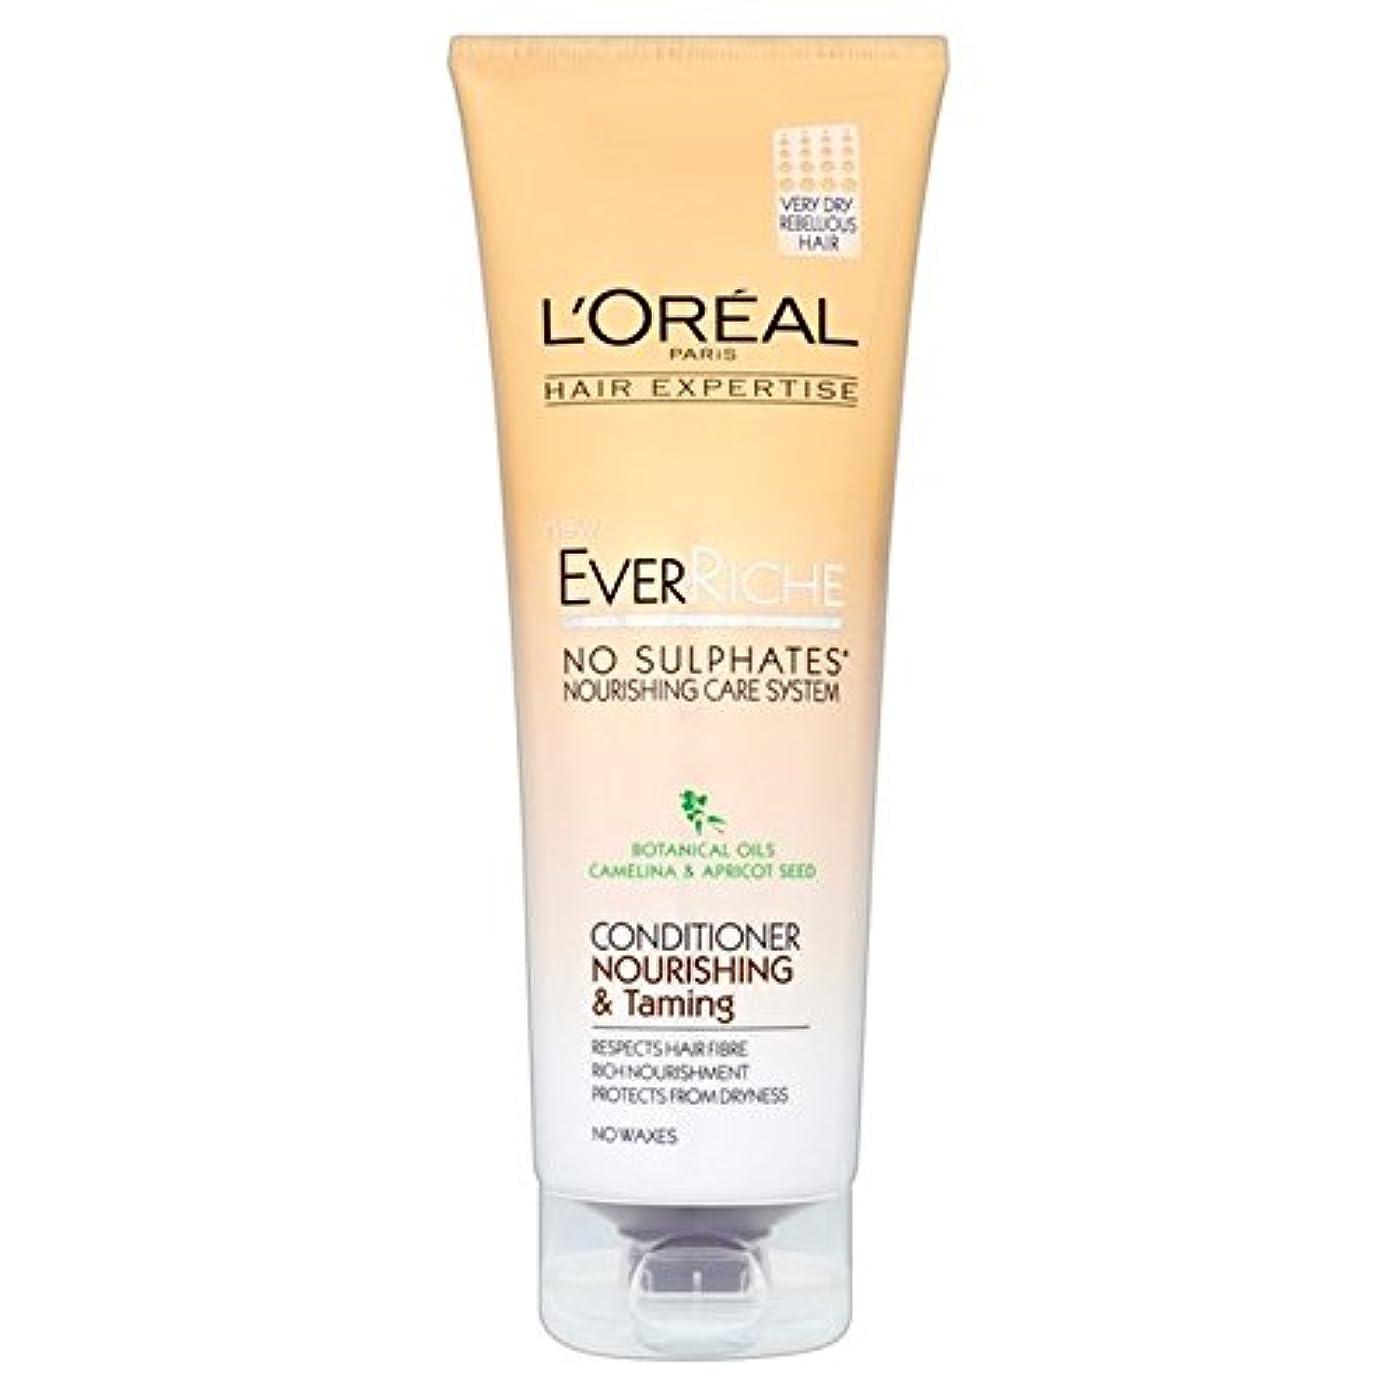 アレイ千追跡L'Oreal Hair Expertise Ever Riche Conditioner Nour & Taming 250ml (Pack of 6) - ロレアルの髪の専門知識、これまでリッシュコンディショナーヌール...